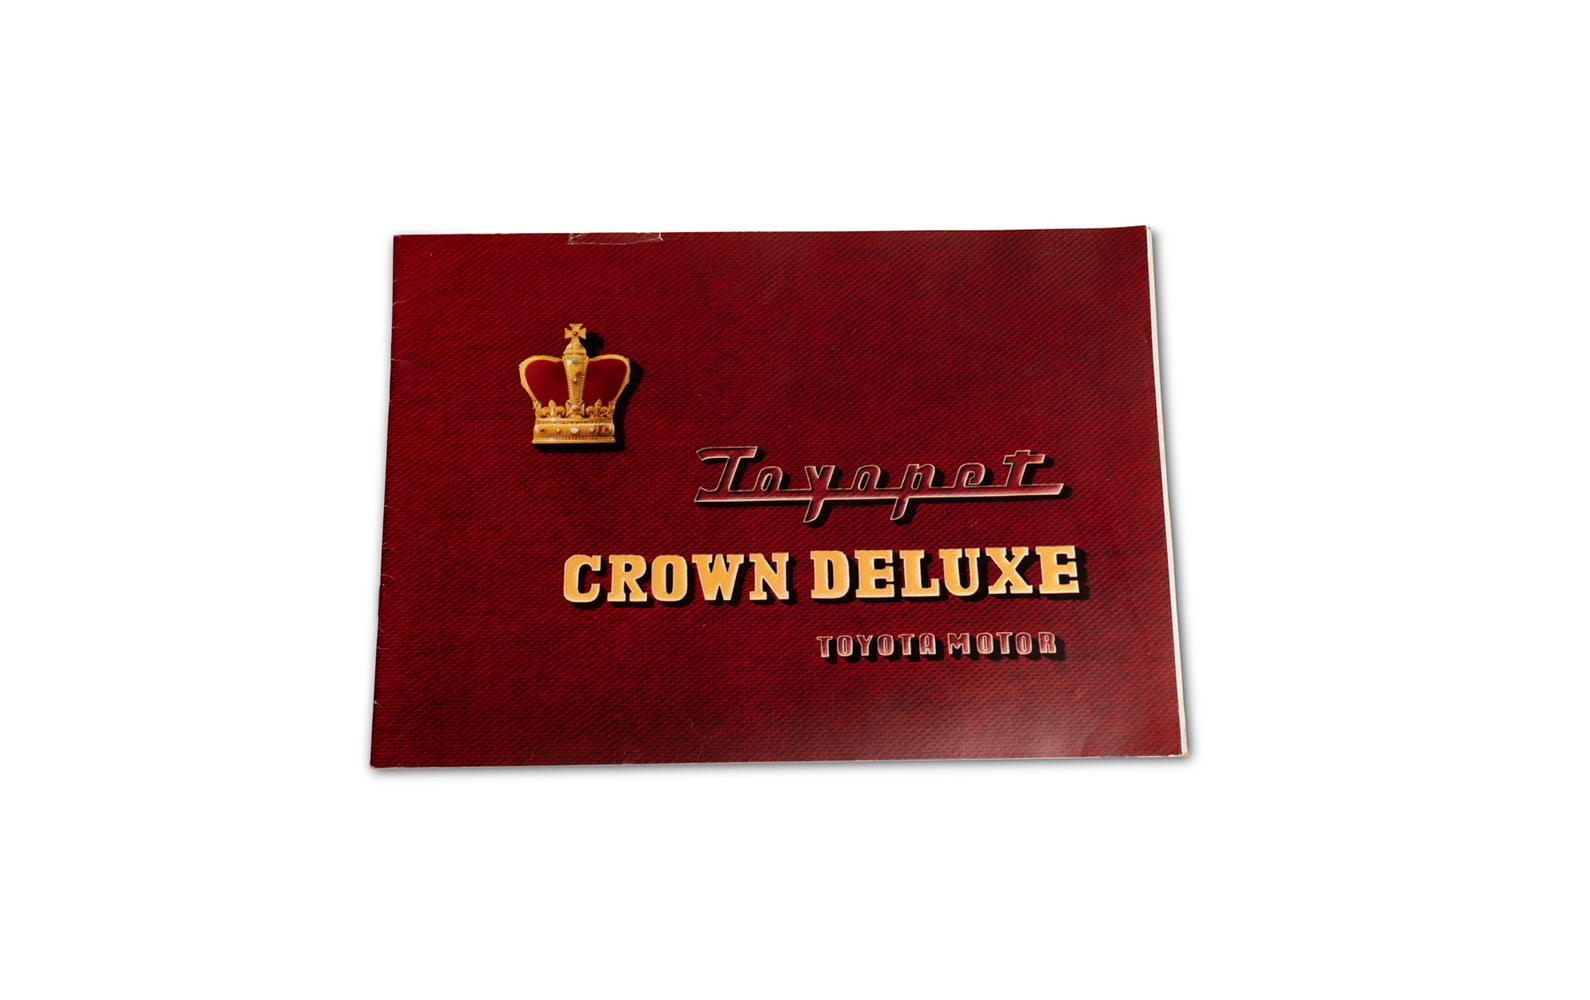 Toyota Toyopet Crown Deluxe Sales Brochure